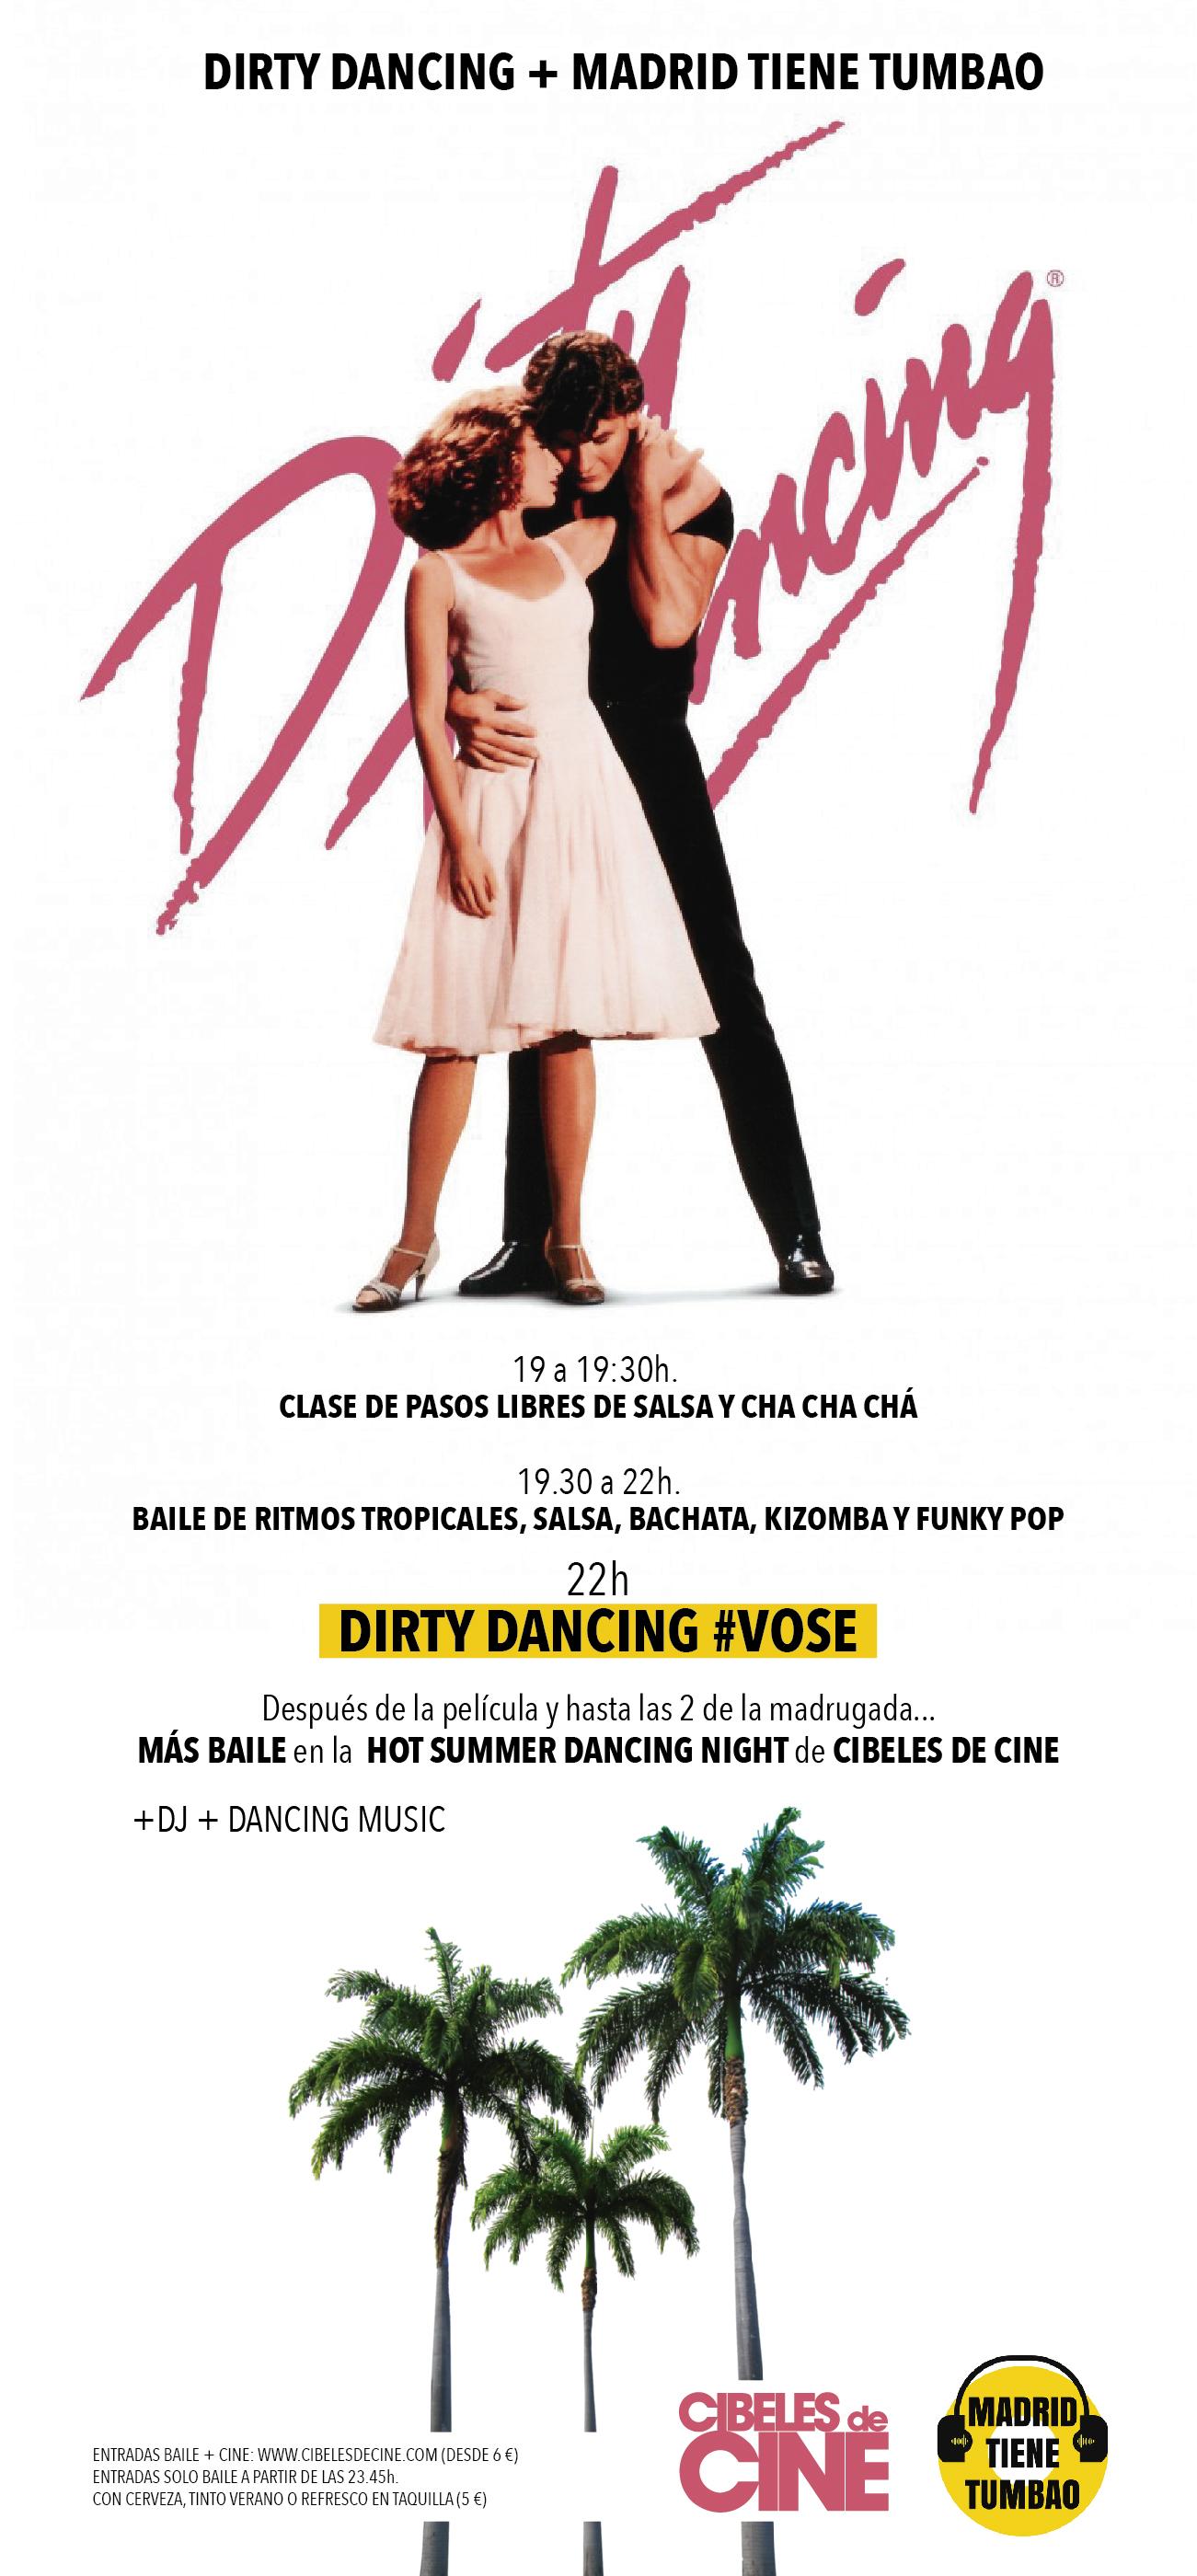 Cibeles de cine - Dirty Dancing